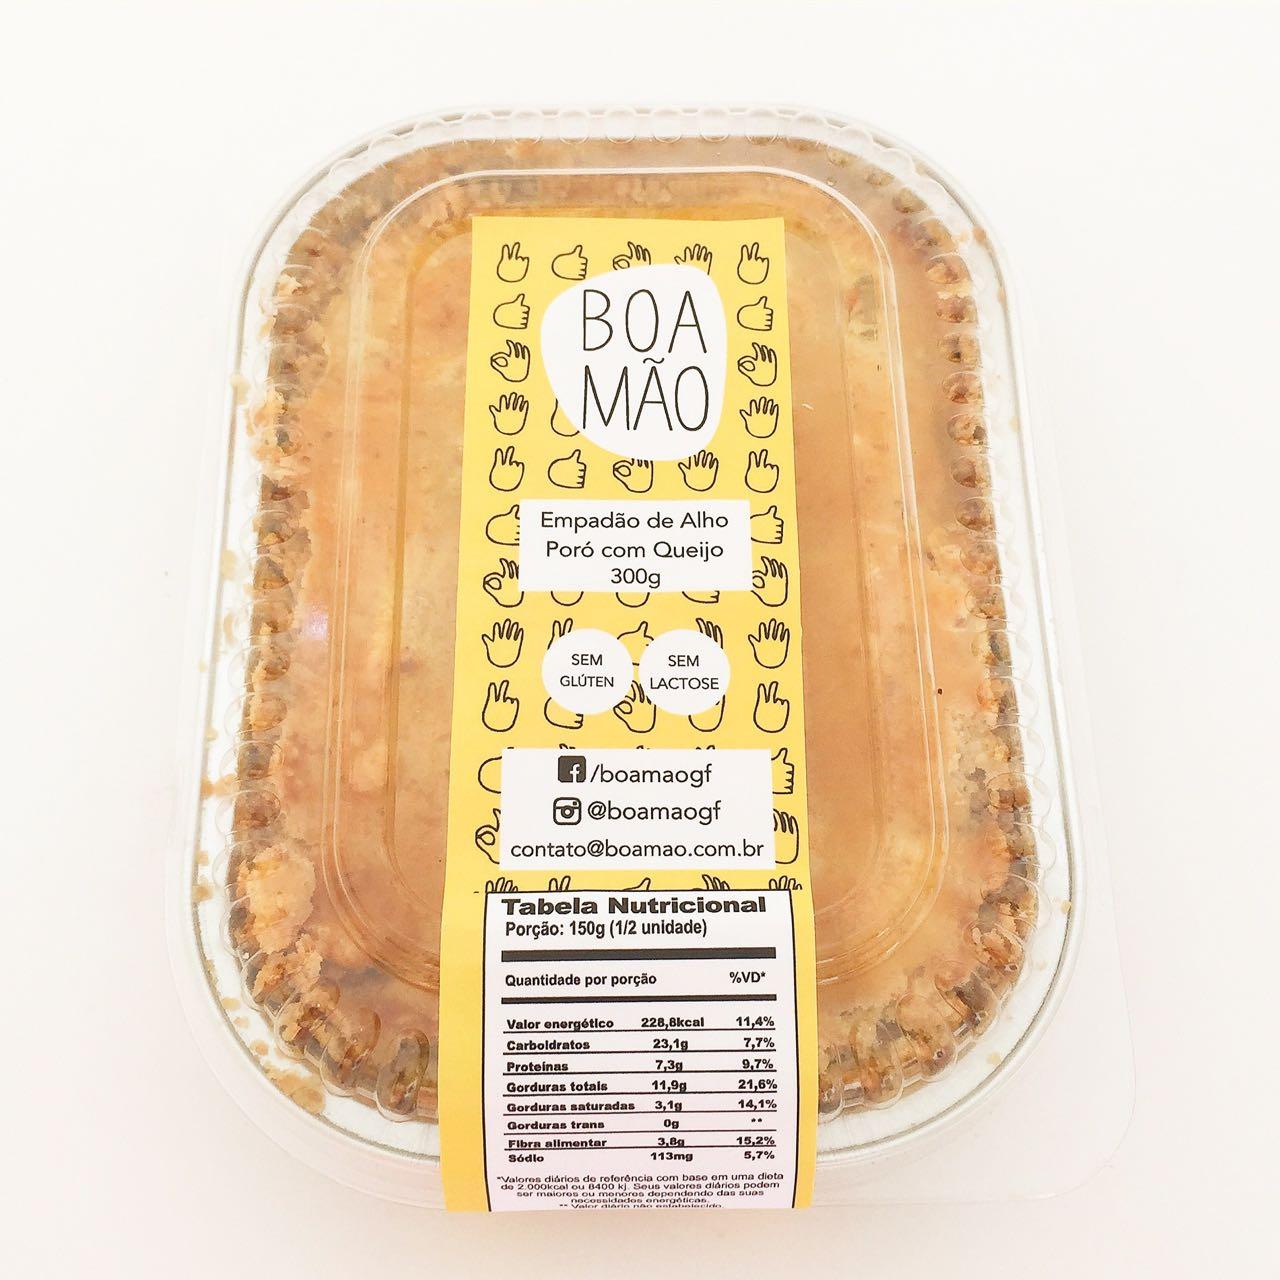 Empadão de alho poró com queijo, 300g – Boa Mão